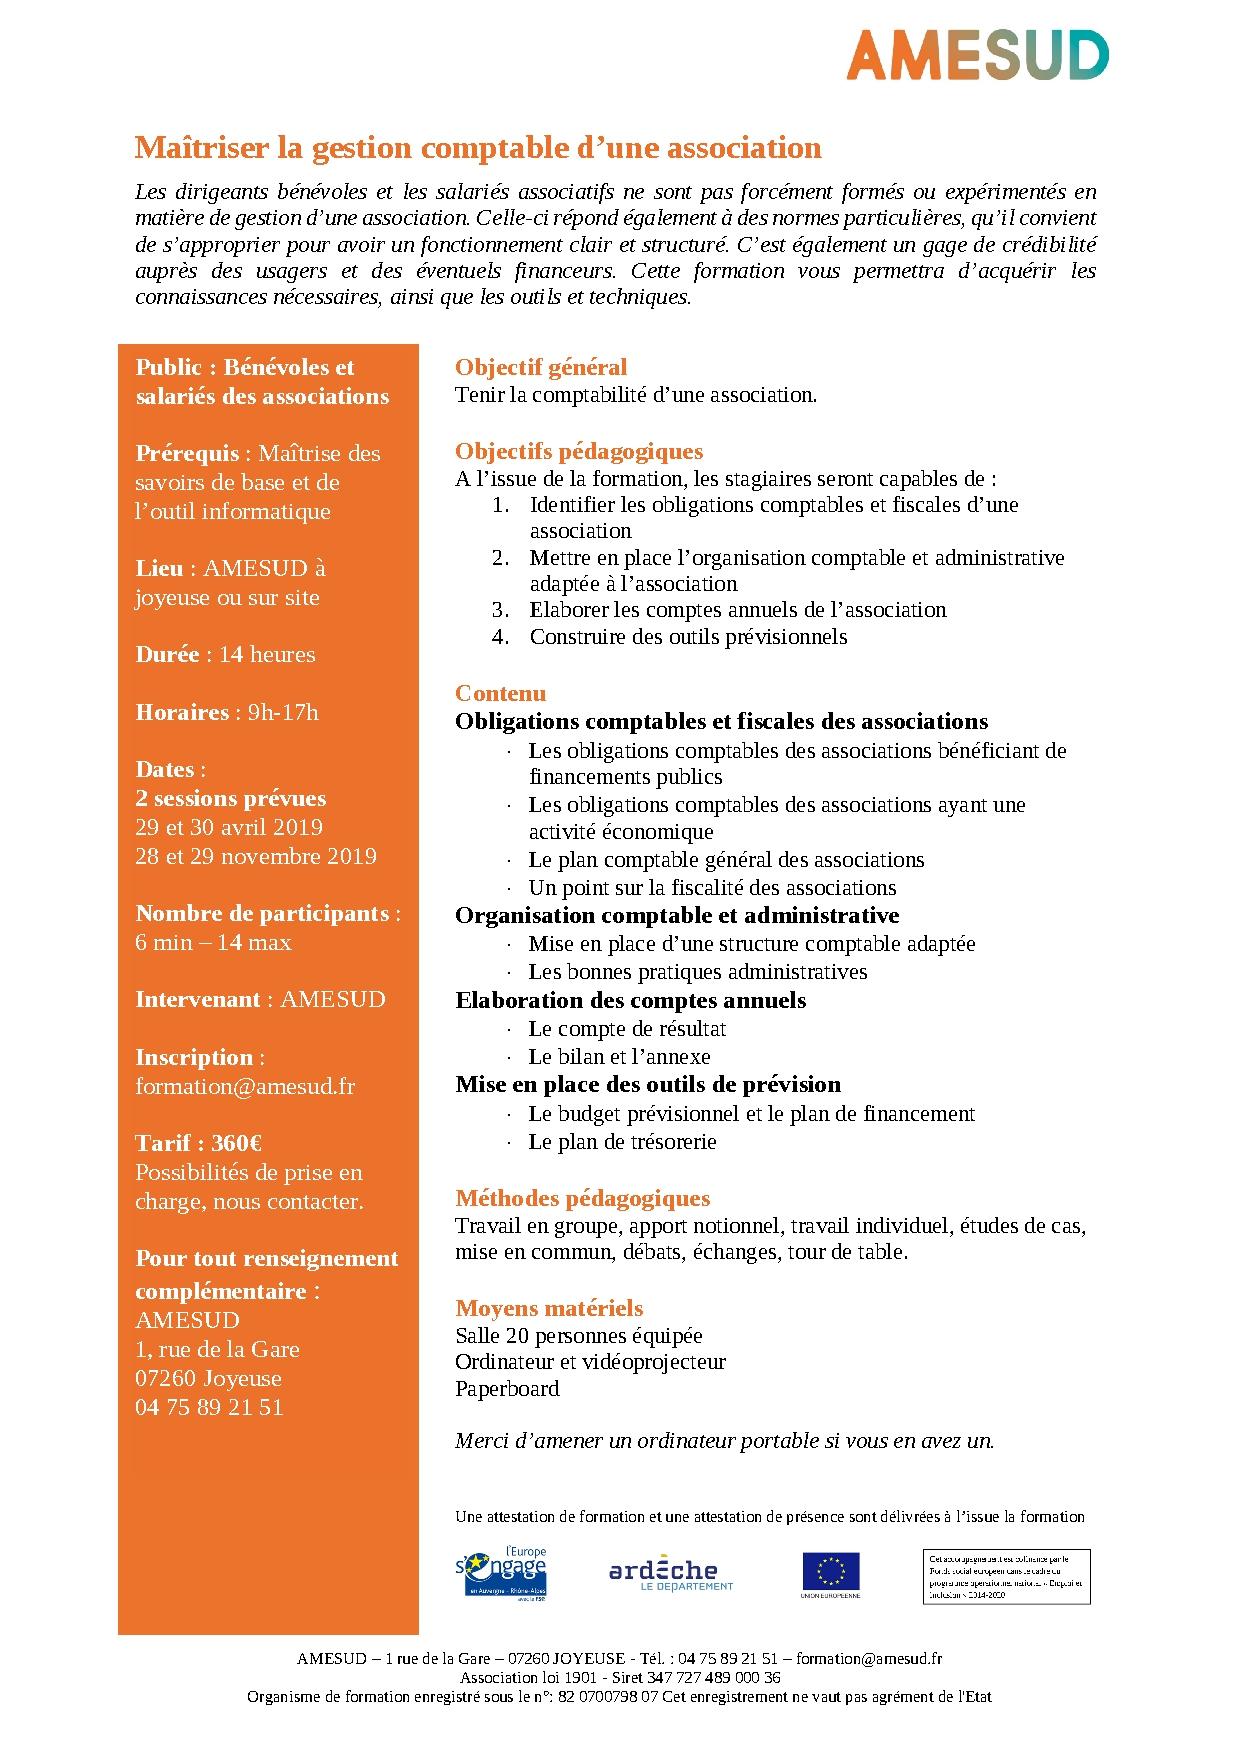 OF – Formation destinée aux bénévoles et salariés des associations - Maîtriser la gestion comptable d'une association - 29 & 30 avril 2019 - 2 jours - Joyeuse - 360€ @ AMESUD | Joyeuse | Auvergne-Rhône-Alpes | France